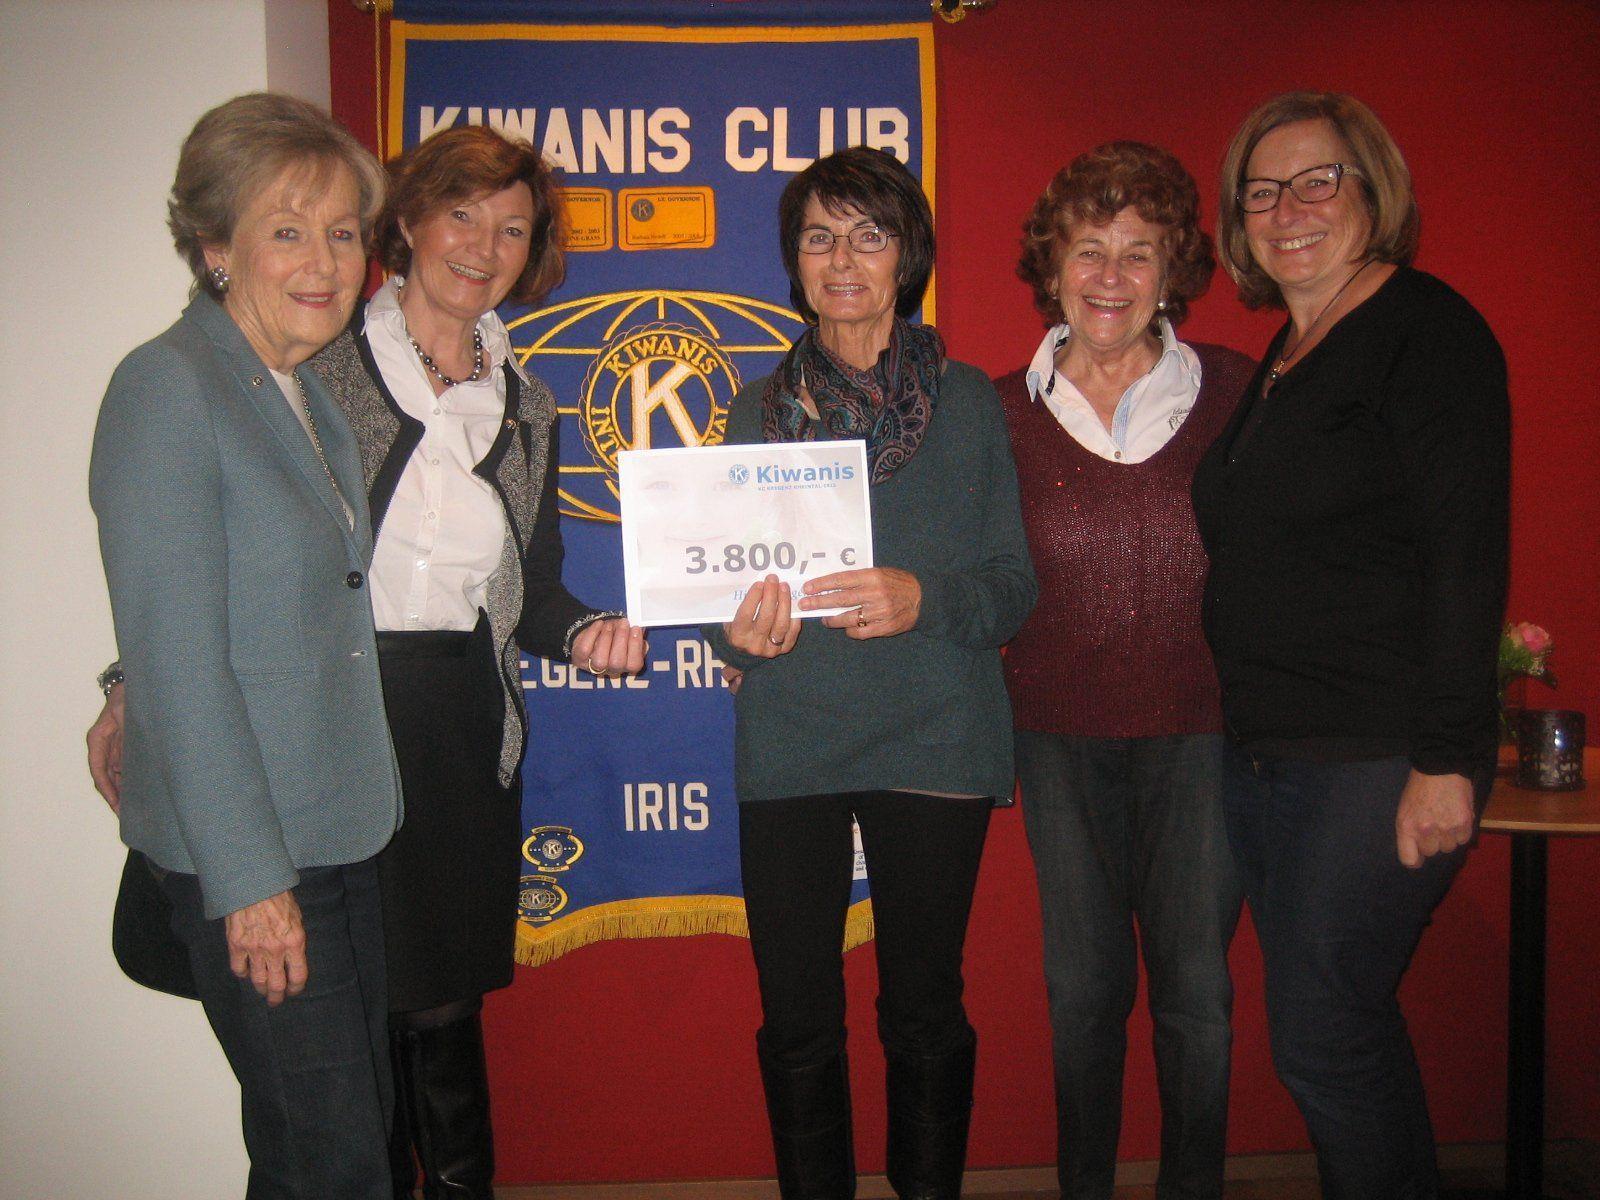 Charity: Lore Benger, Präsidentin Angelika Amann, Inge Sulzer (Familienbund Notfallhilfe), Chartiy Stefanie Kessler und Ingrid Vetter